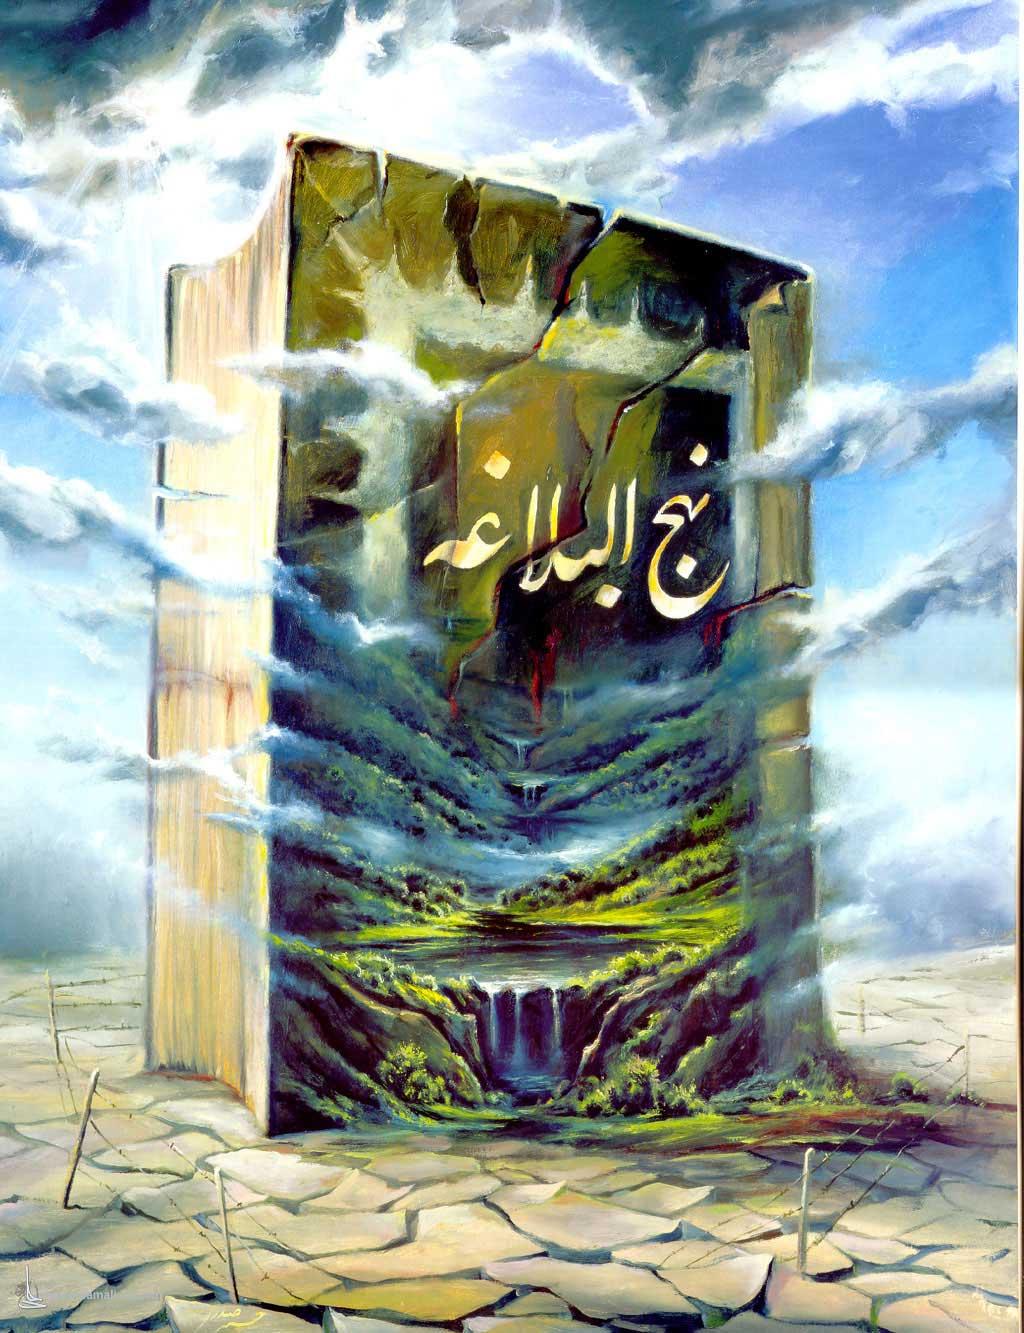 نهج البلاغه(حکمتها301الی480) احتیاط در فرستادن پیک ها و نامه ها